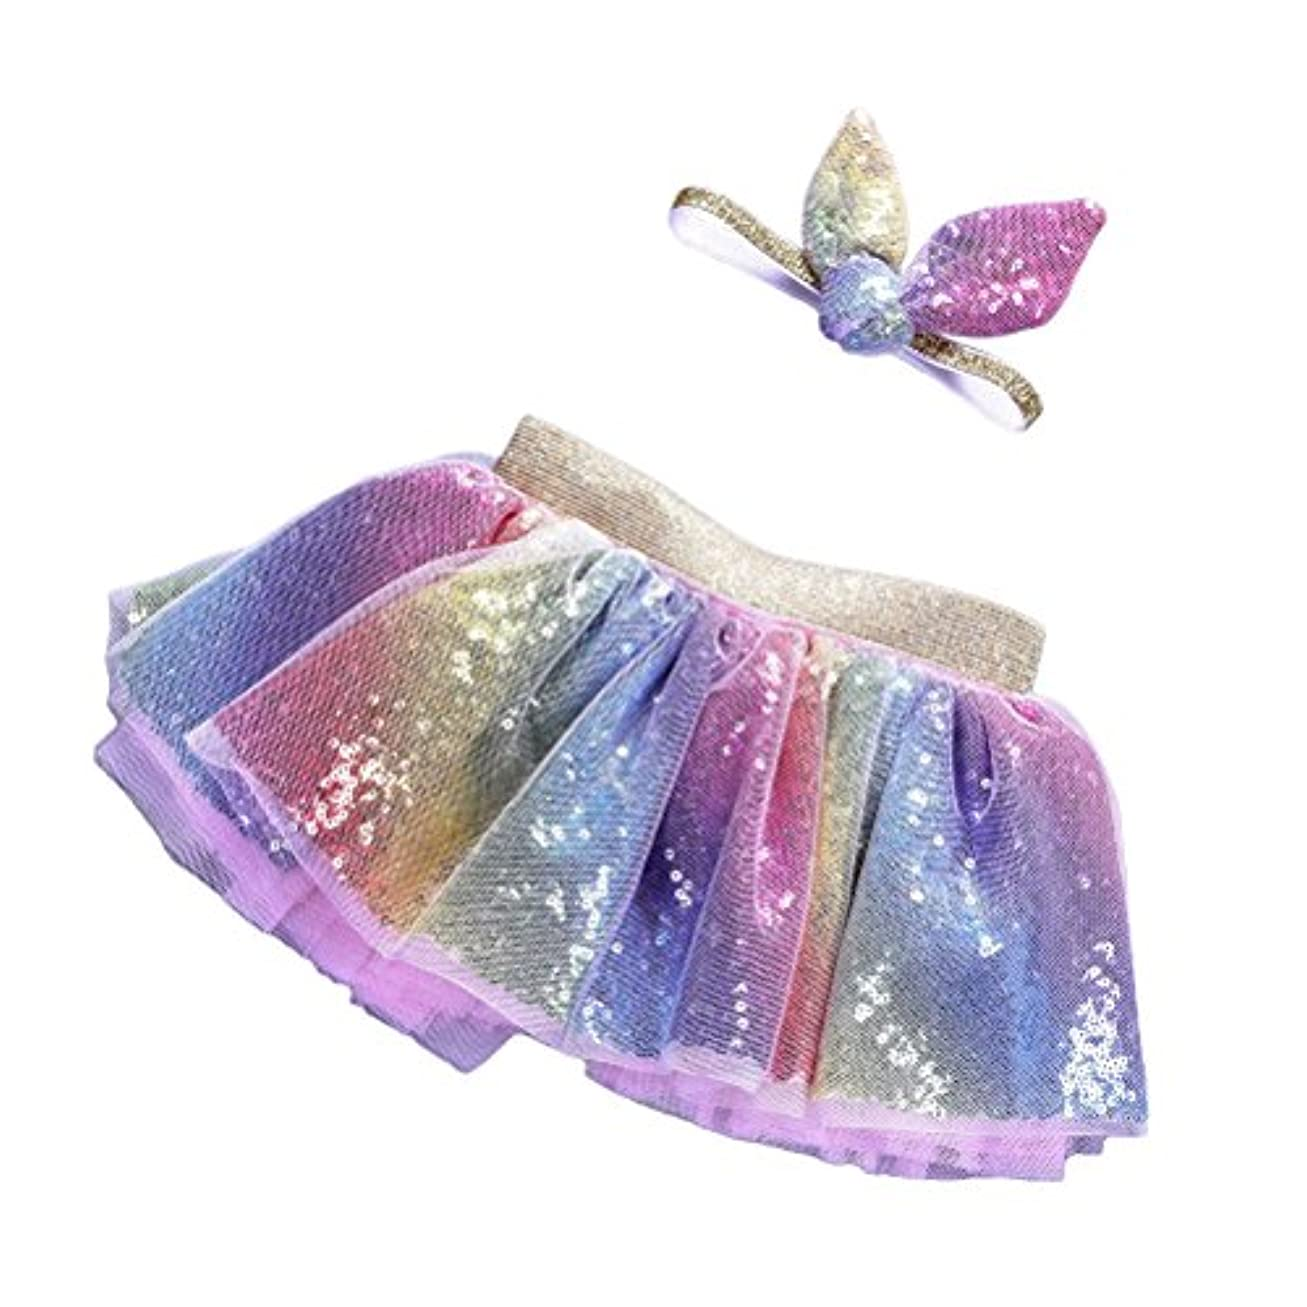 落ち着かないひそかにたるみLUOEM 2PCSレインボーツツースカート(ヘッドバンド付き)プリンセスガールツツーの服装ベビーガールズ誕生日の服セットサイズM(2?5歳)